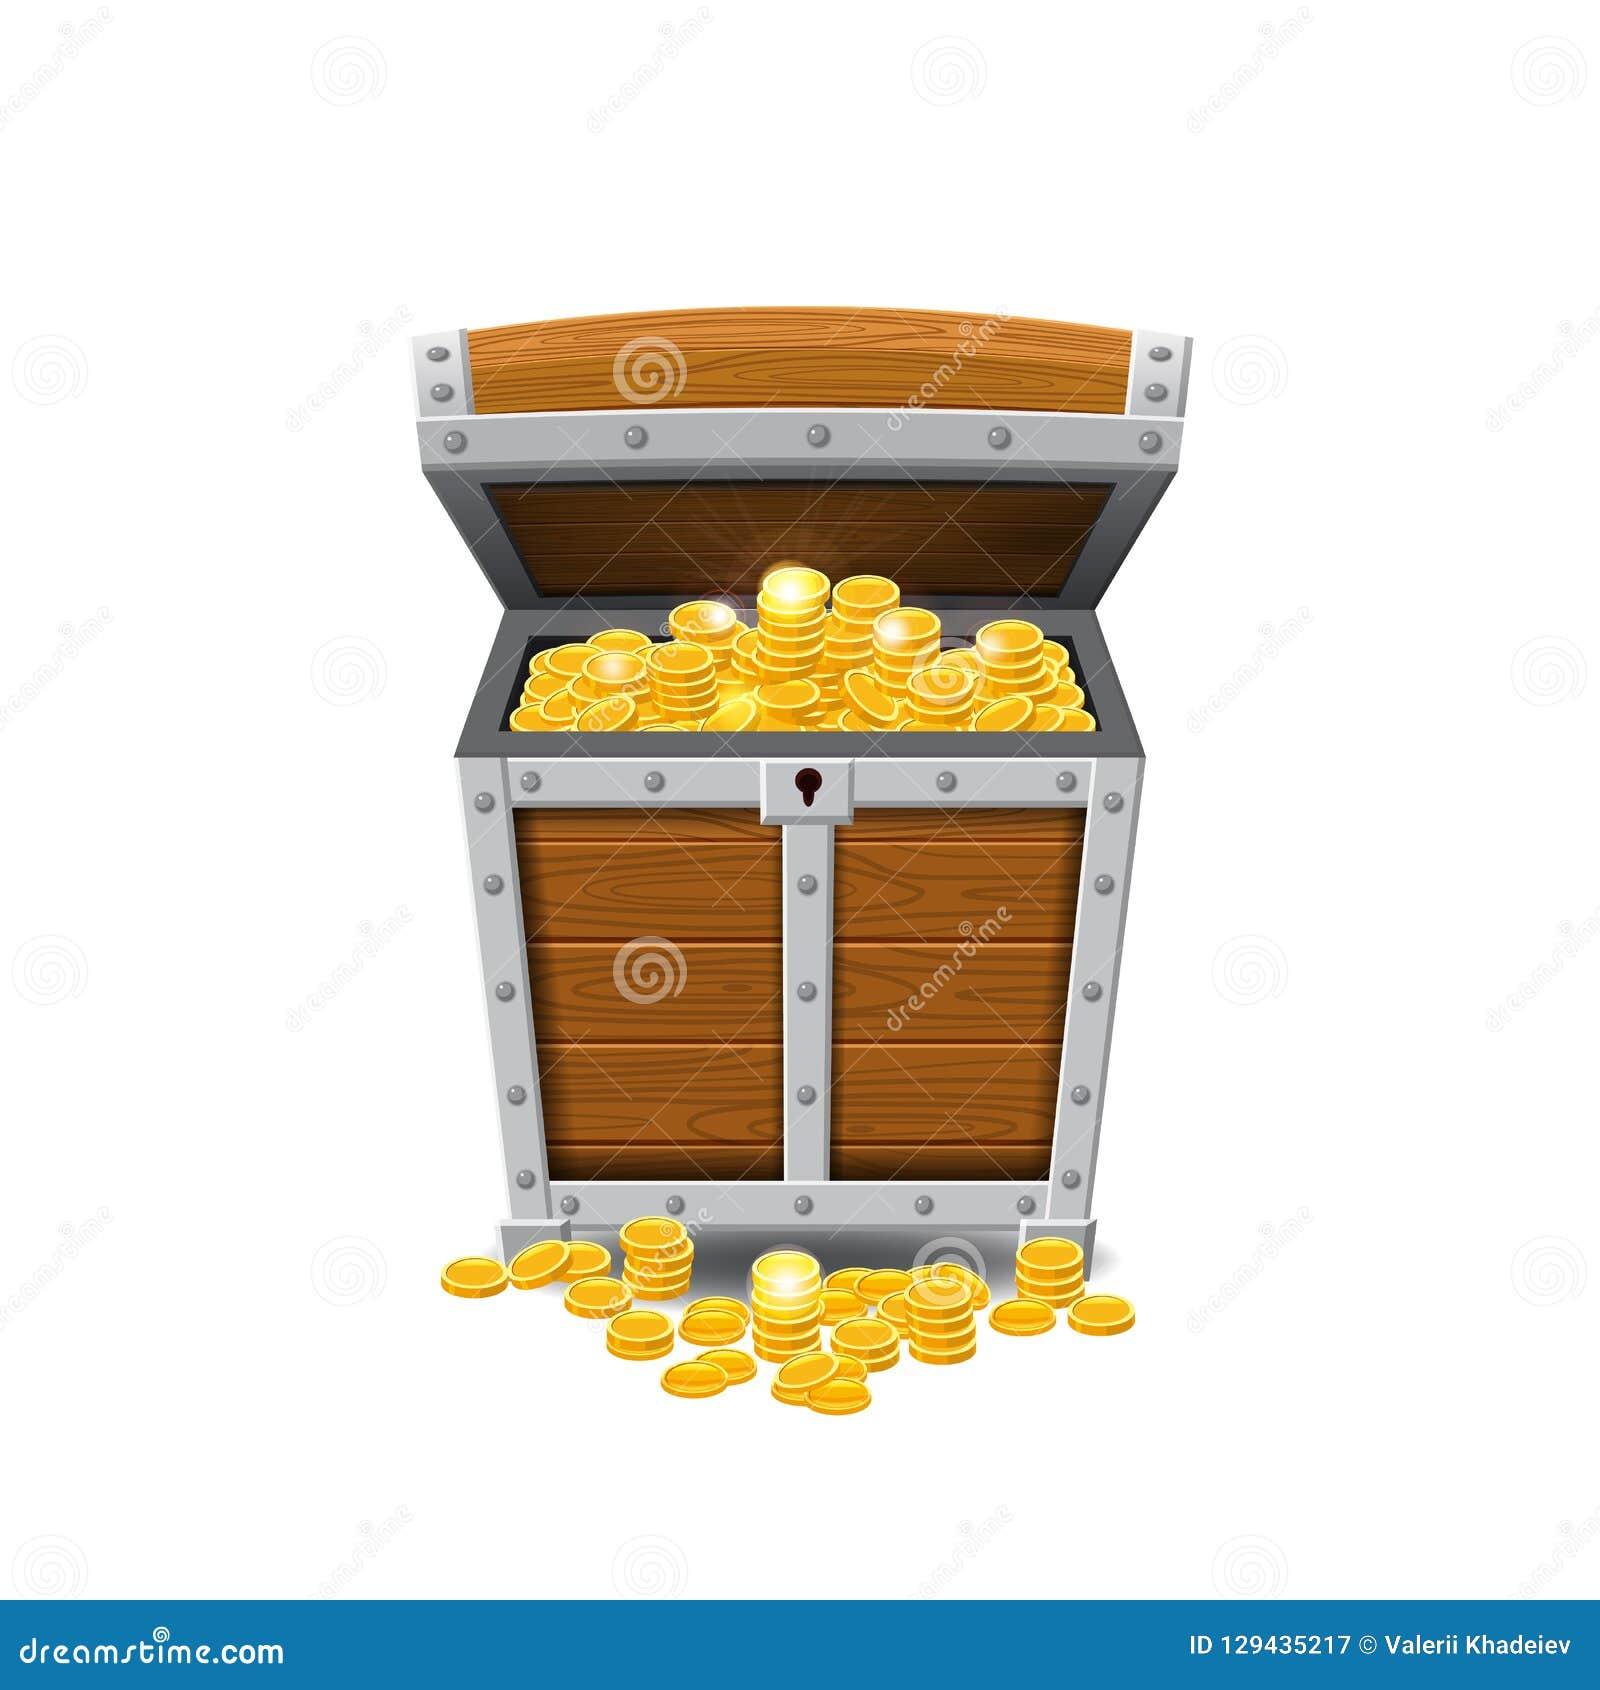 Ξύλινα παλαιά στήθη πειρατών, πλήρη των θησαυρών, χρυσά νομίσματα, θησαυροί, διάνυσμα, ύφος κινούμενων σχεδίων, απεικόνιση, που α